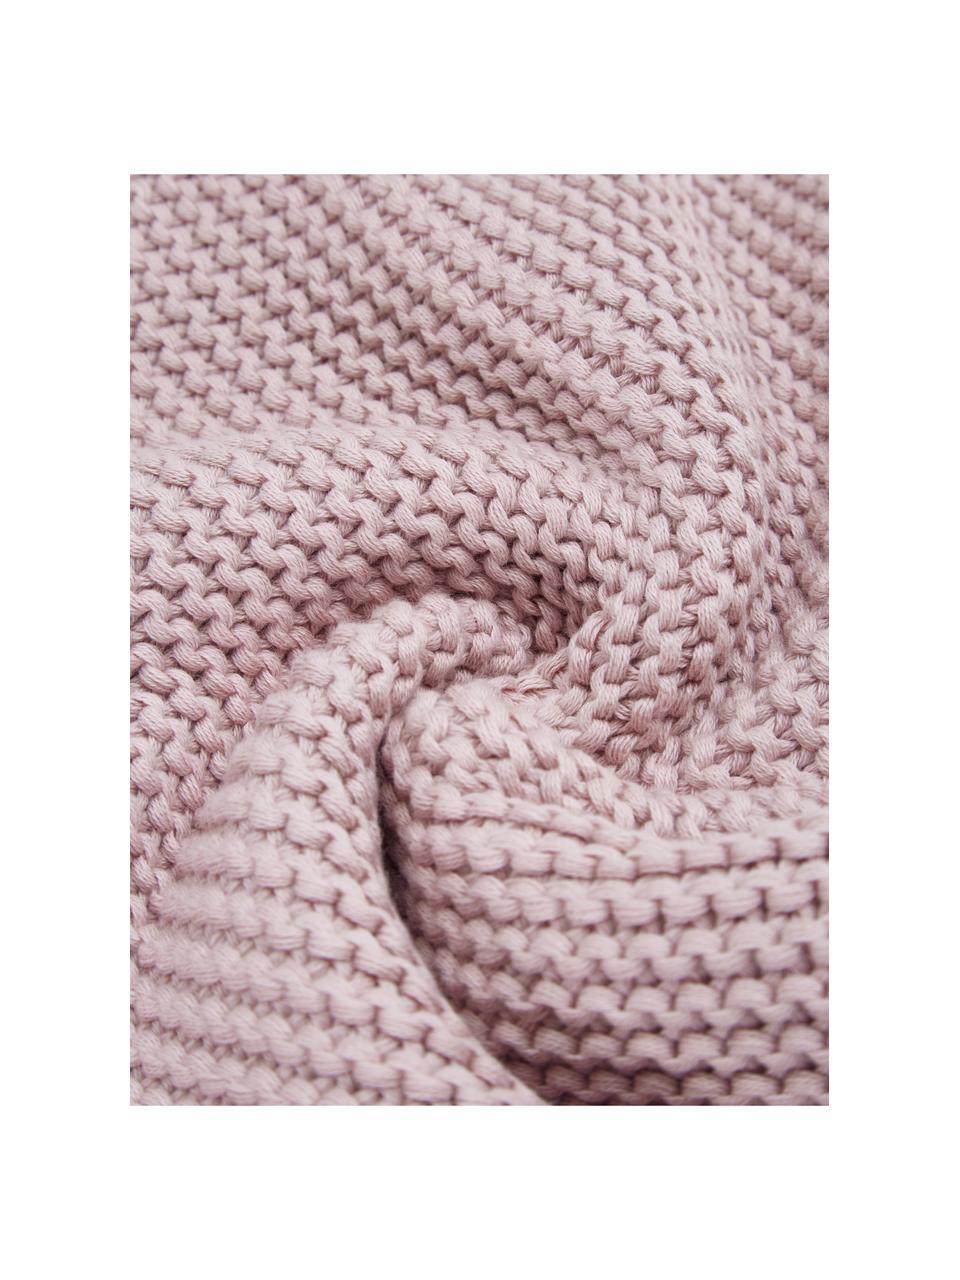 Federa arredo a maglia in cotone biologico rosa cipria Adalyn, 100% cotone biologico, certificato GOTS, Rosa cipria, Larg. 40 x Lung. 40 cm